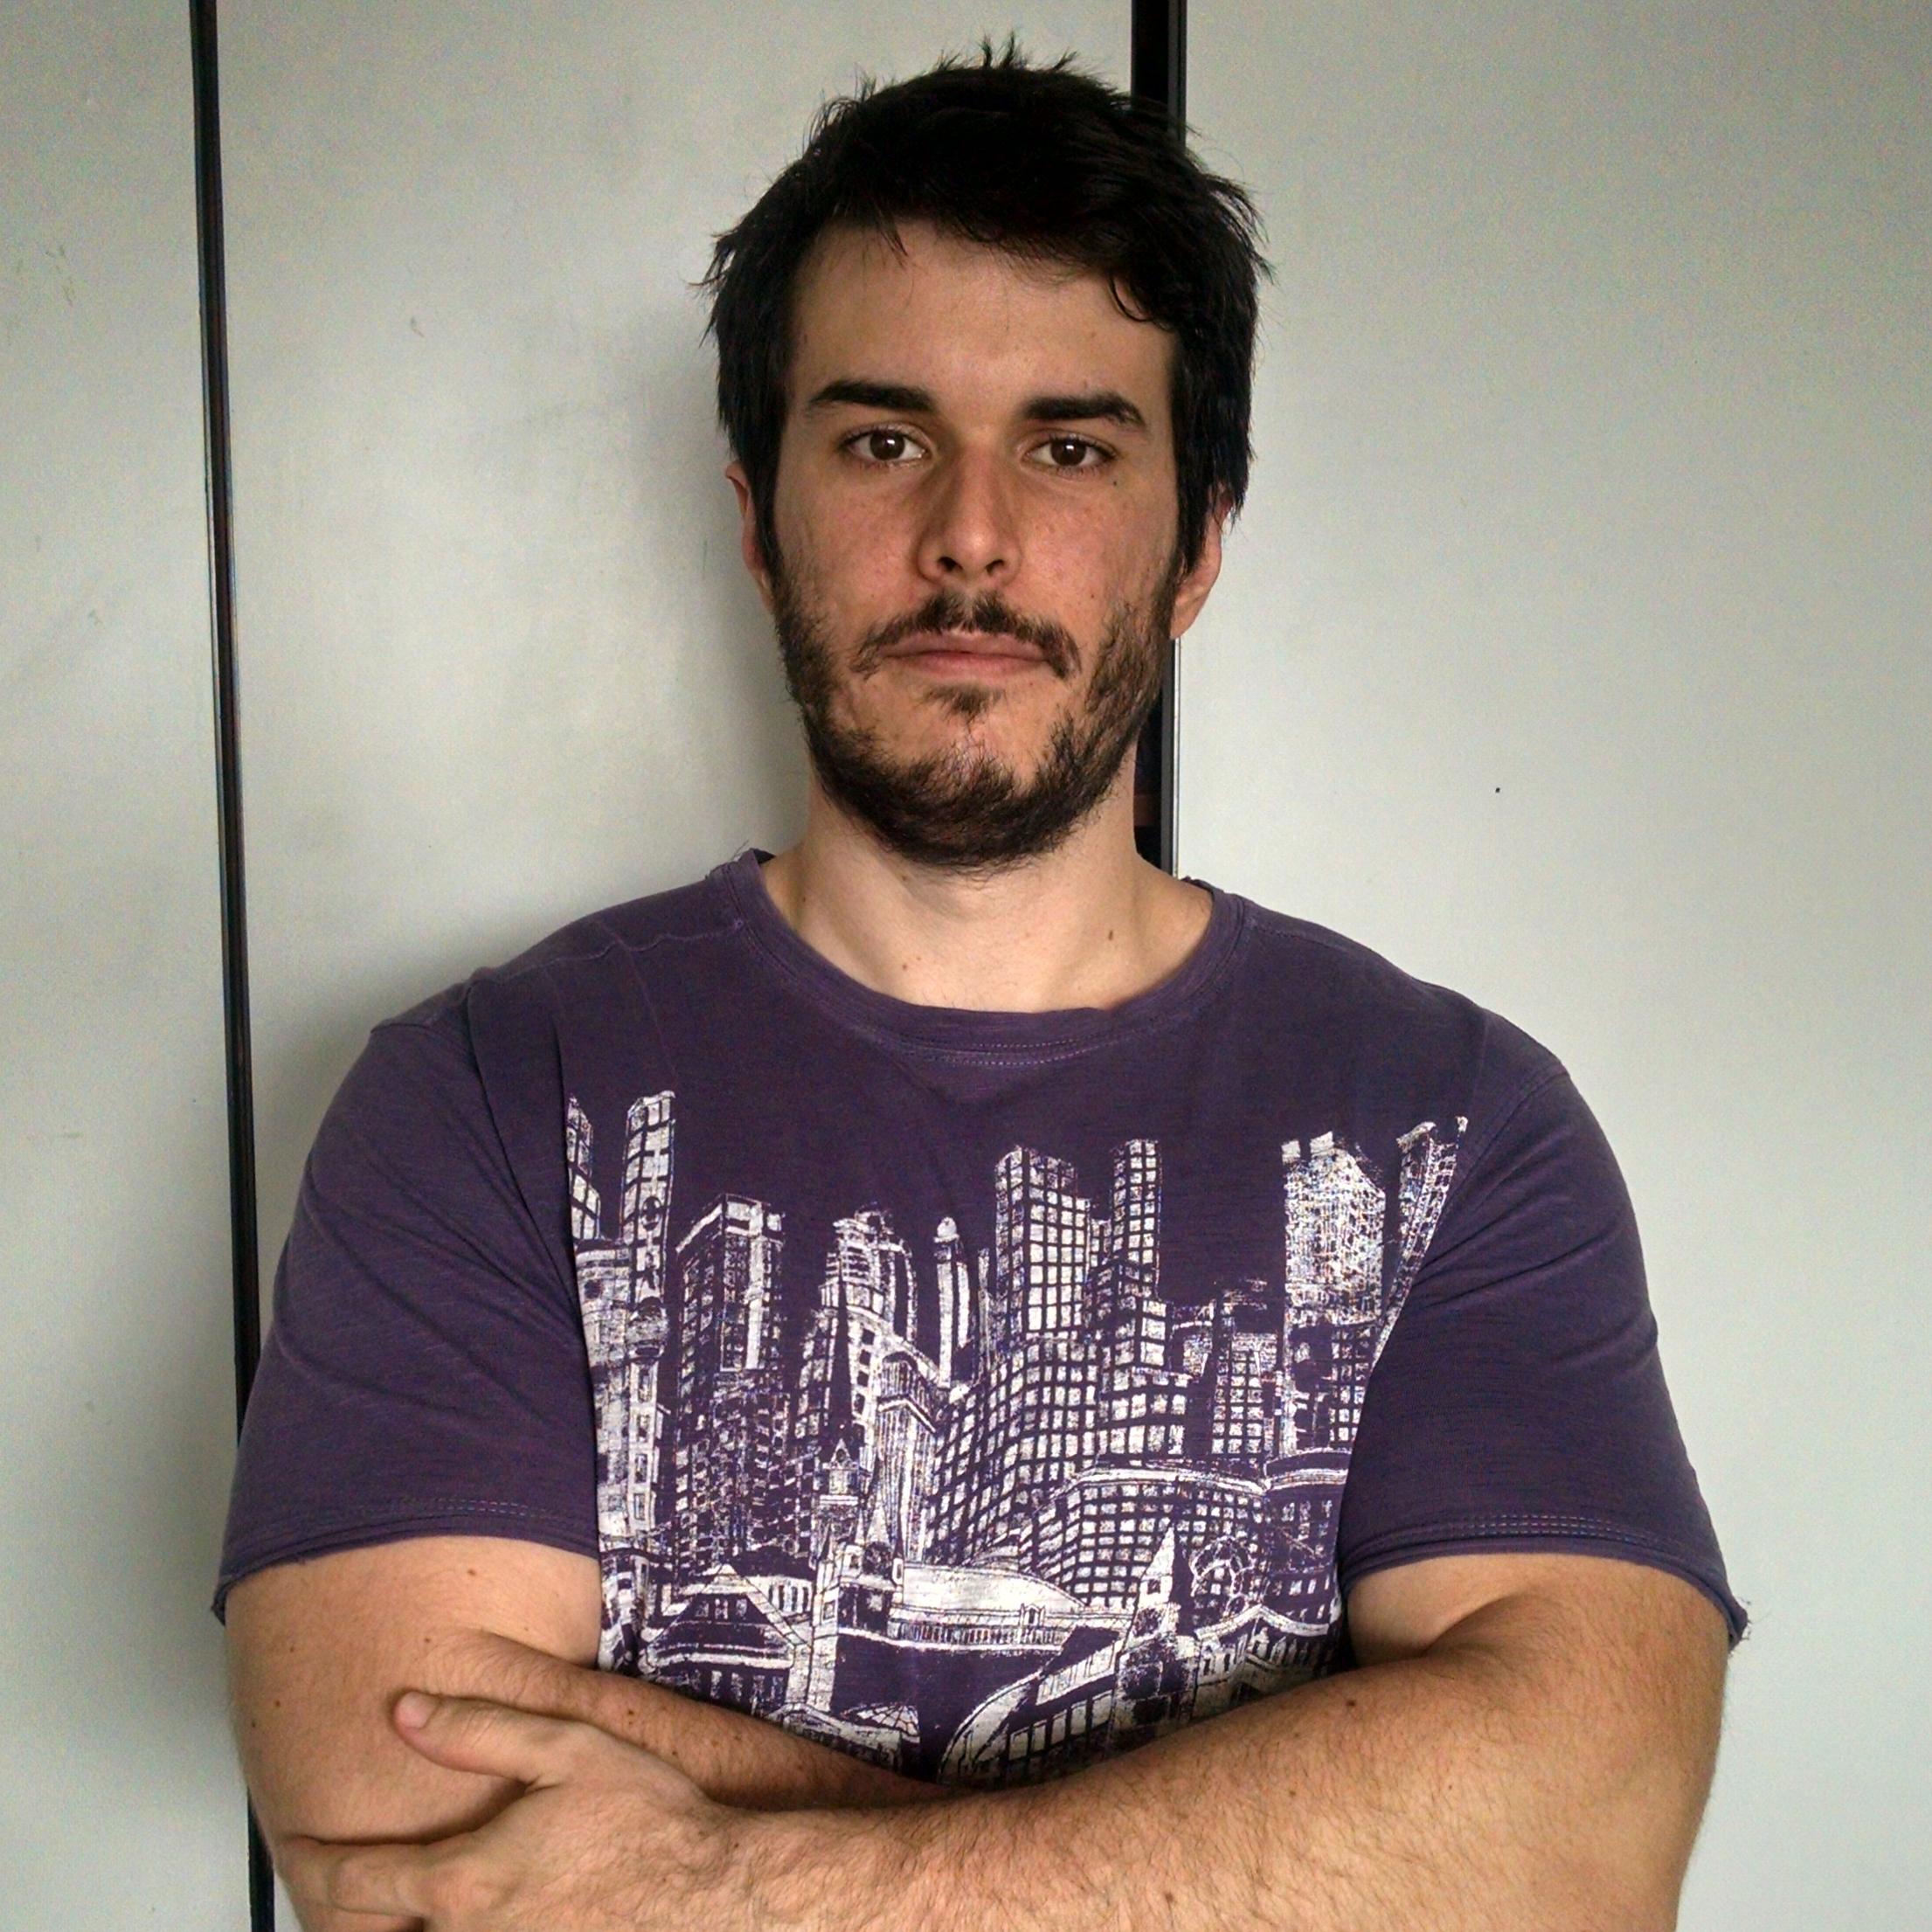 ENTREVISTA: Guilherme Santana do Vale - Aprovado em segundo lugar (DF) no concurso da Defensoria Pública da União